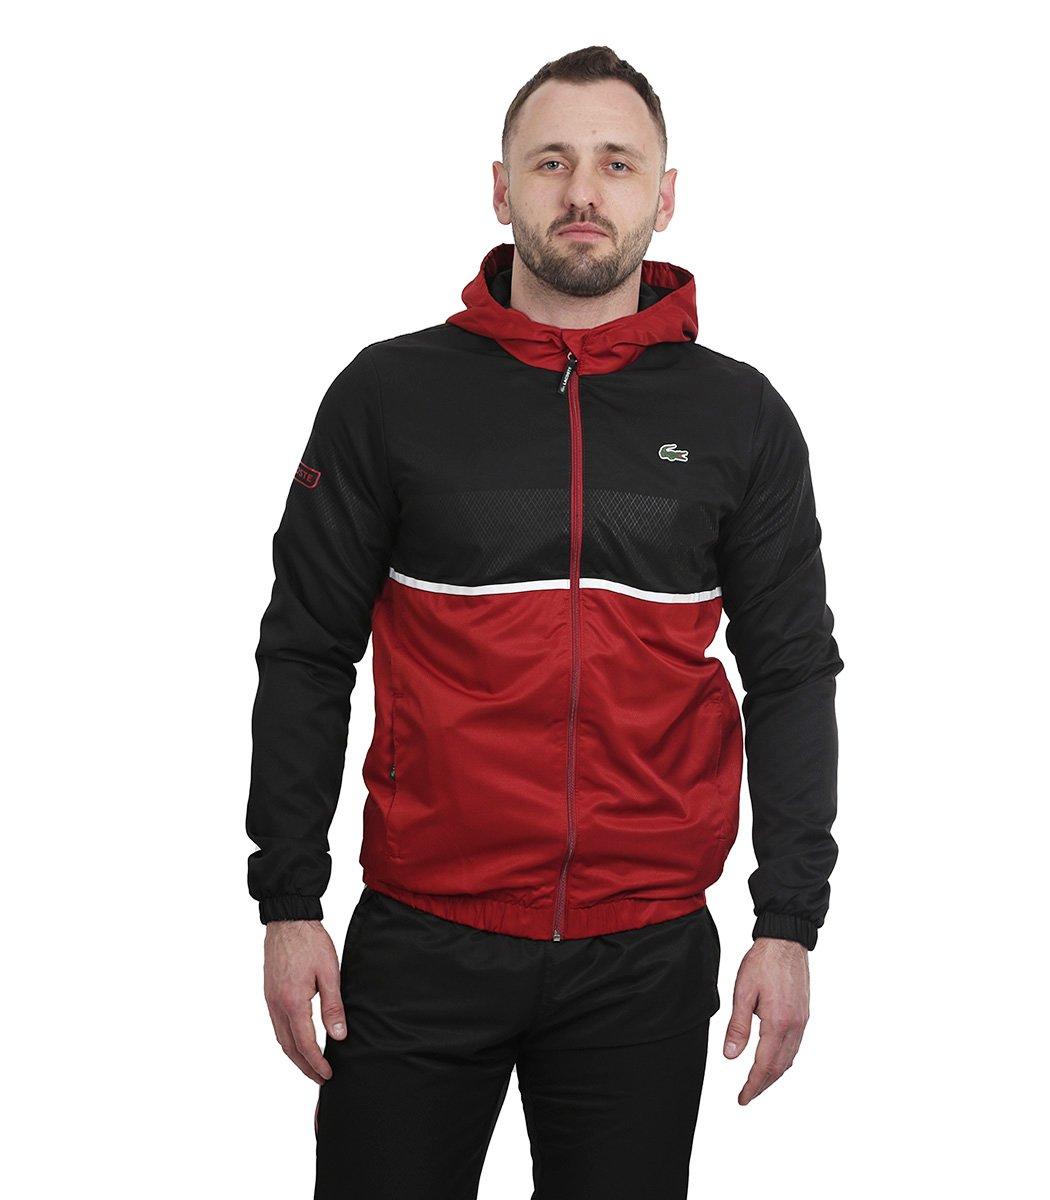 Черно-красный спортивный костюм с капюшоном Lacoste - Черный/красный - Вид 2